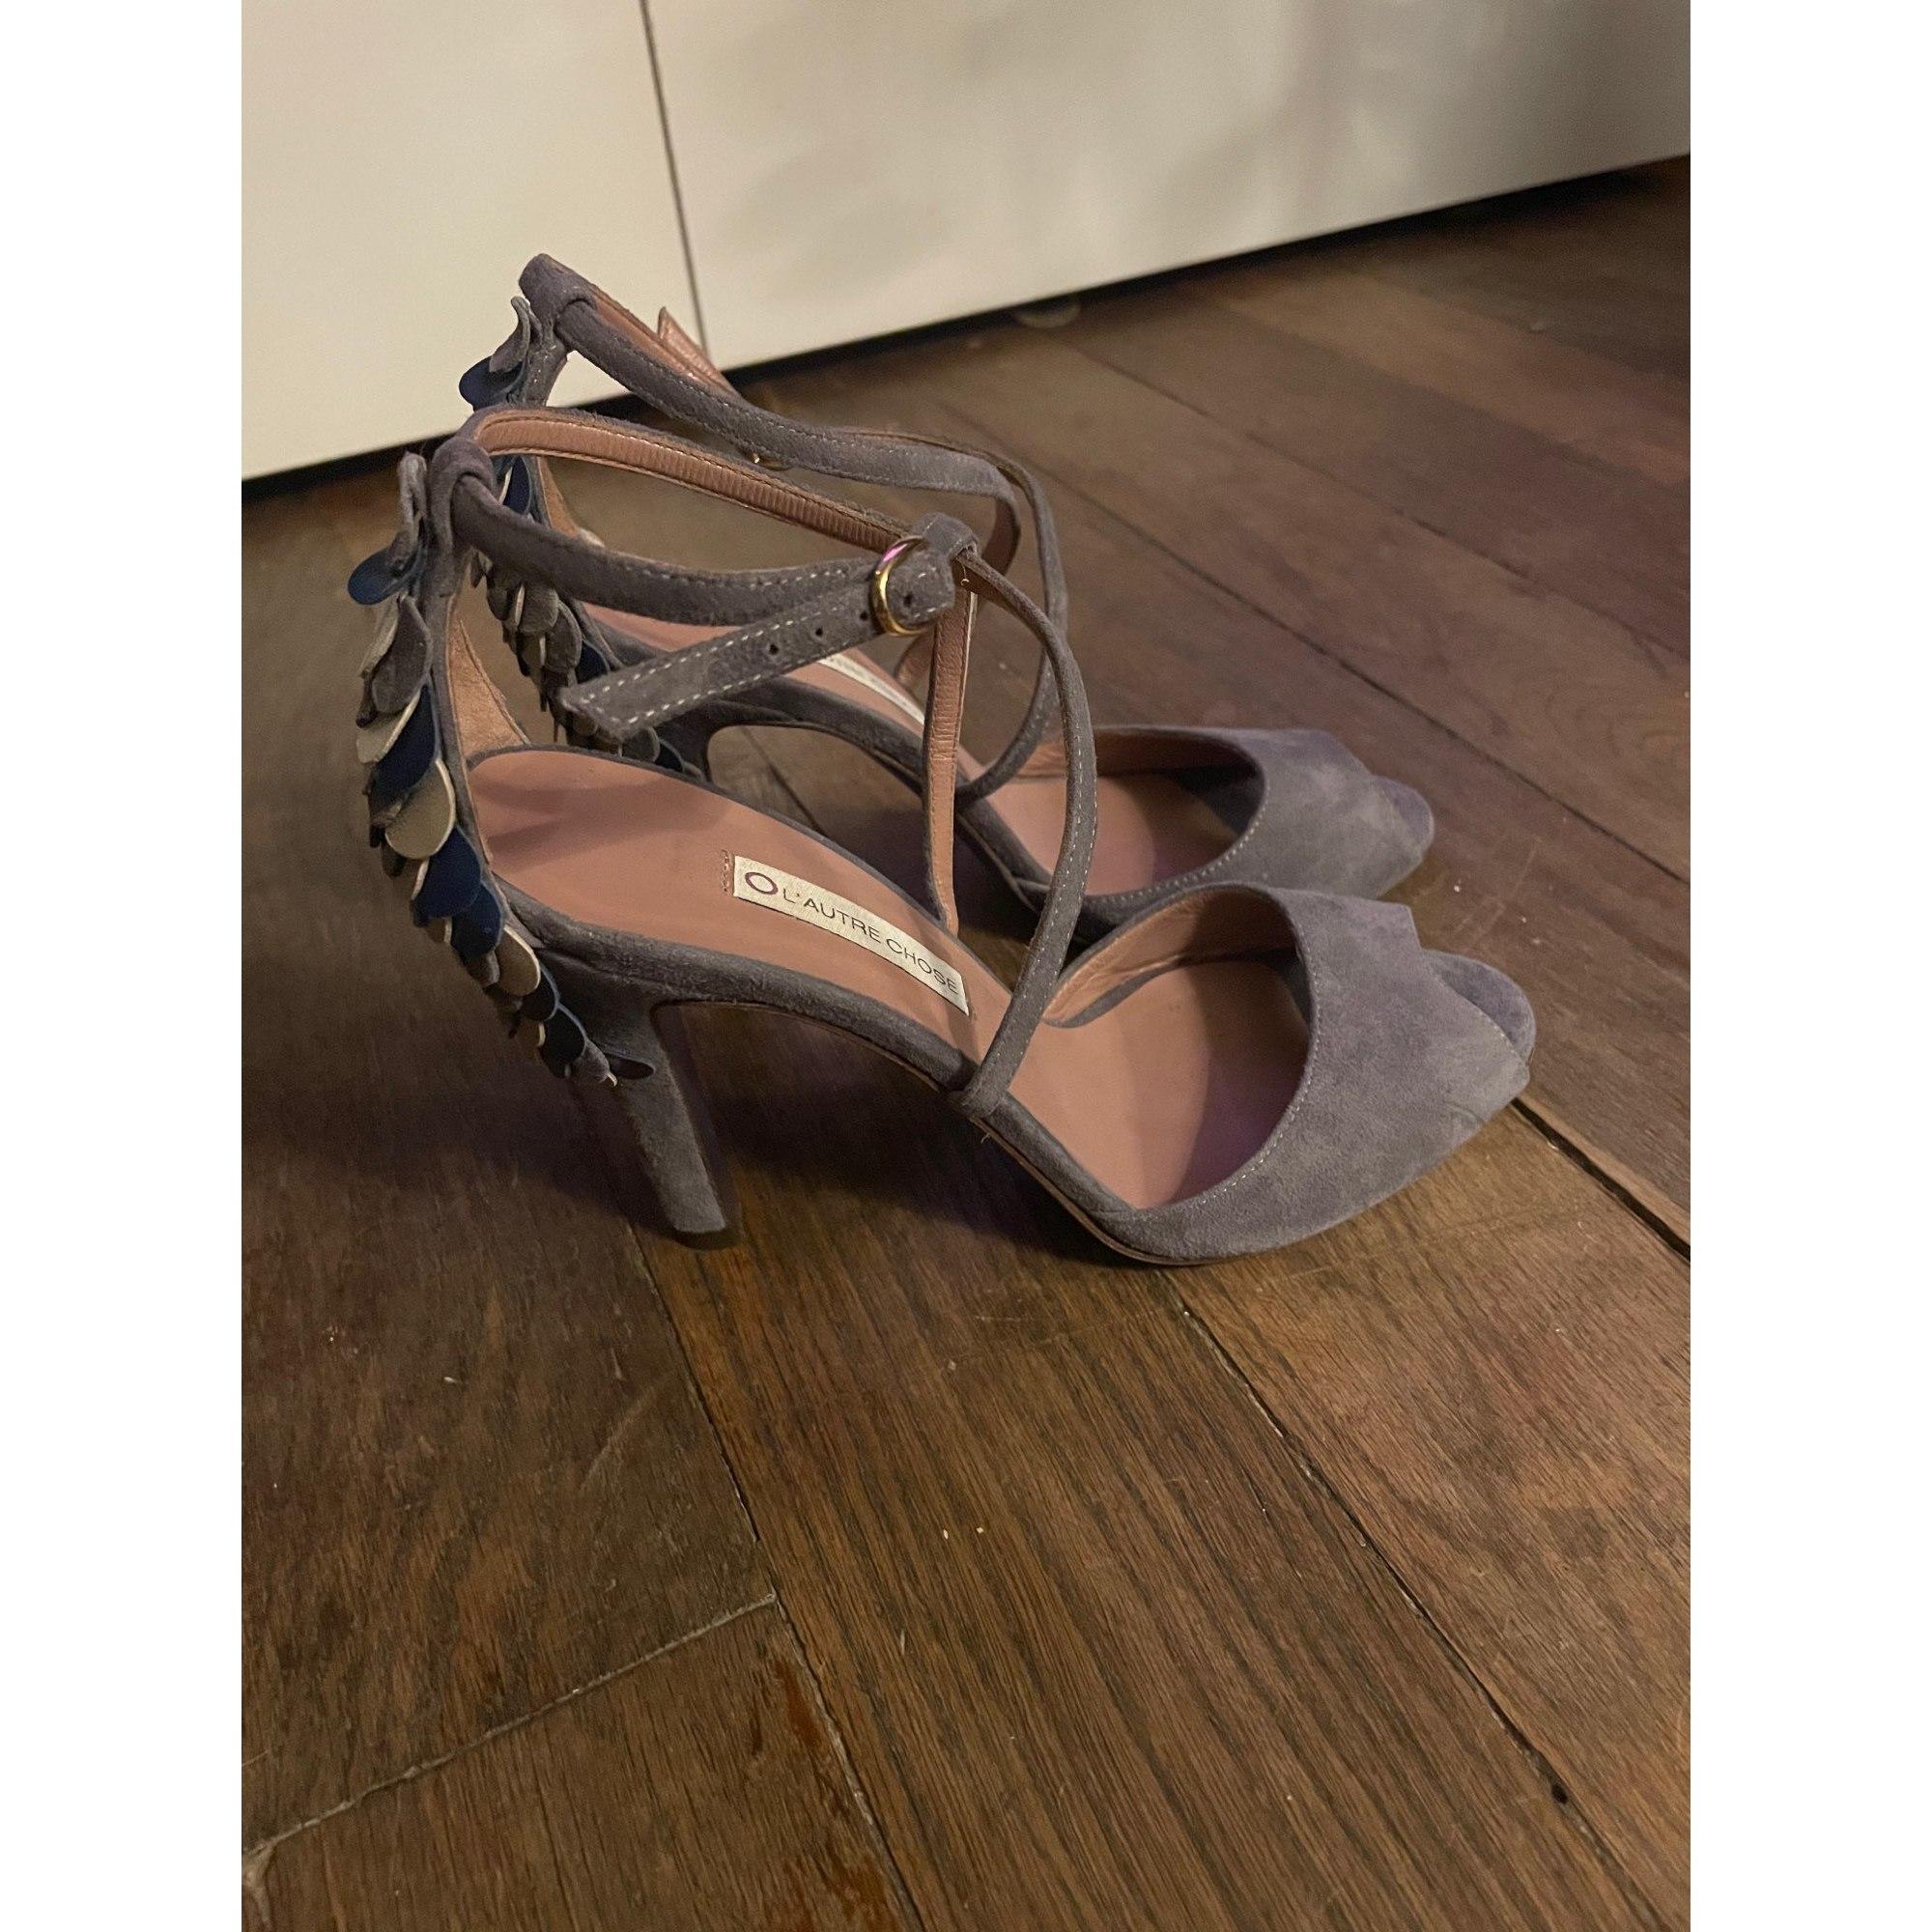 Sandales à talons L'AUTRE CHOSE Gris, anthracite